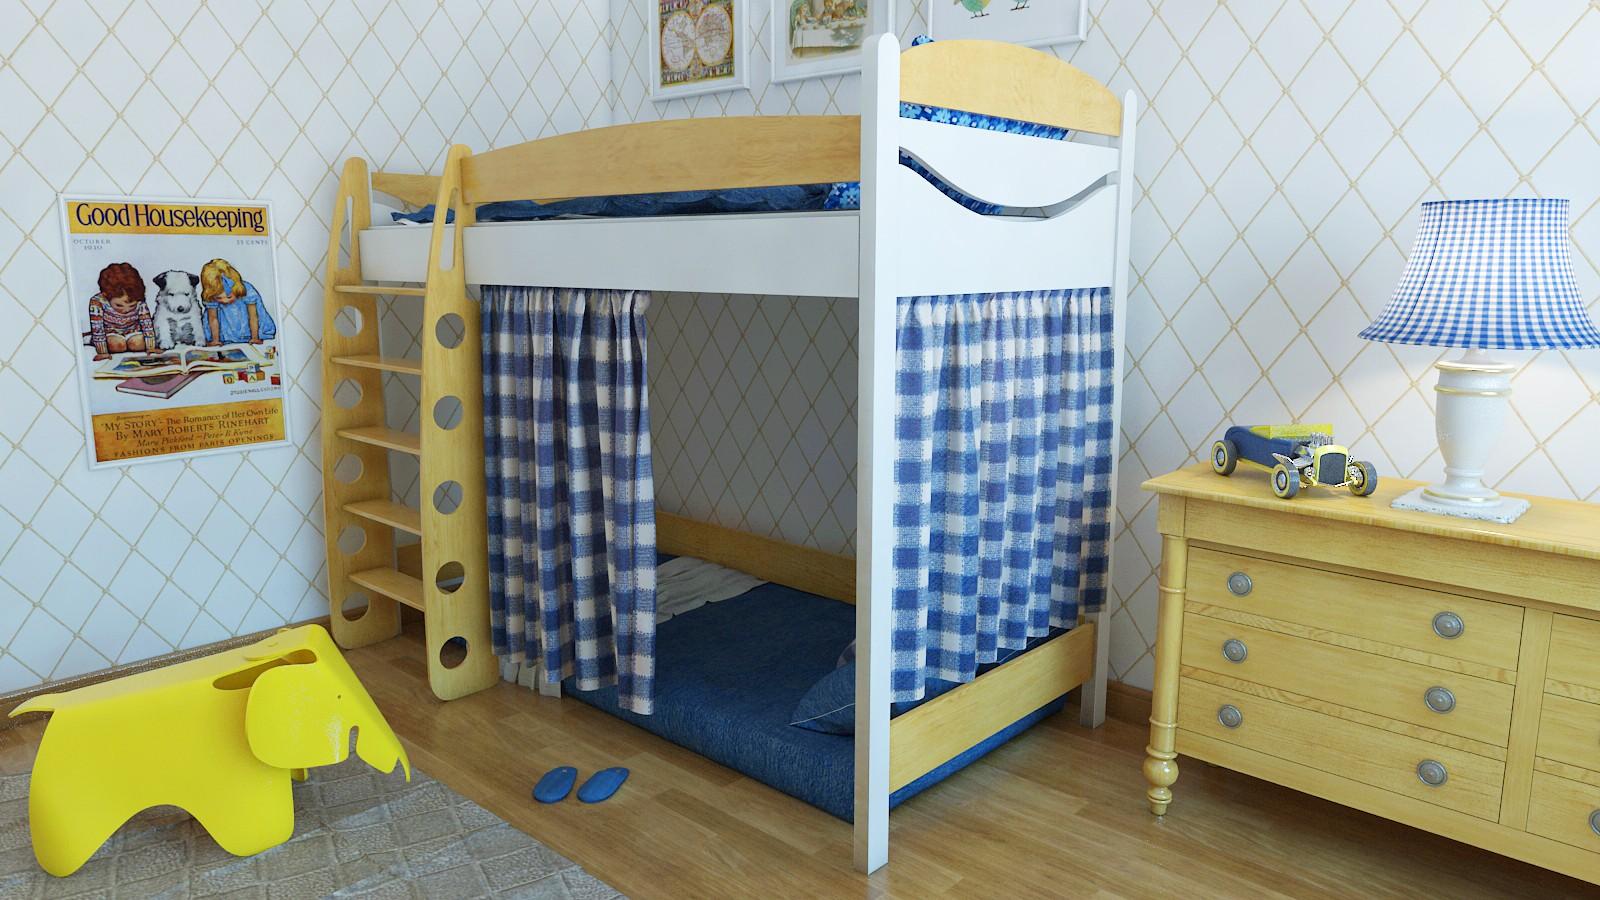 """Кровать чердак """"Эргономик-1"""" E190BMBUK160 детская для мальчиков и девочек детей от 2-3 лет"""